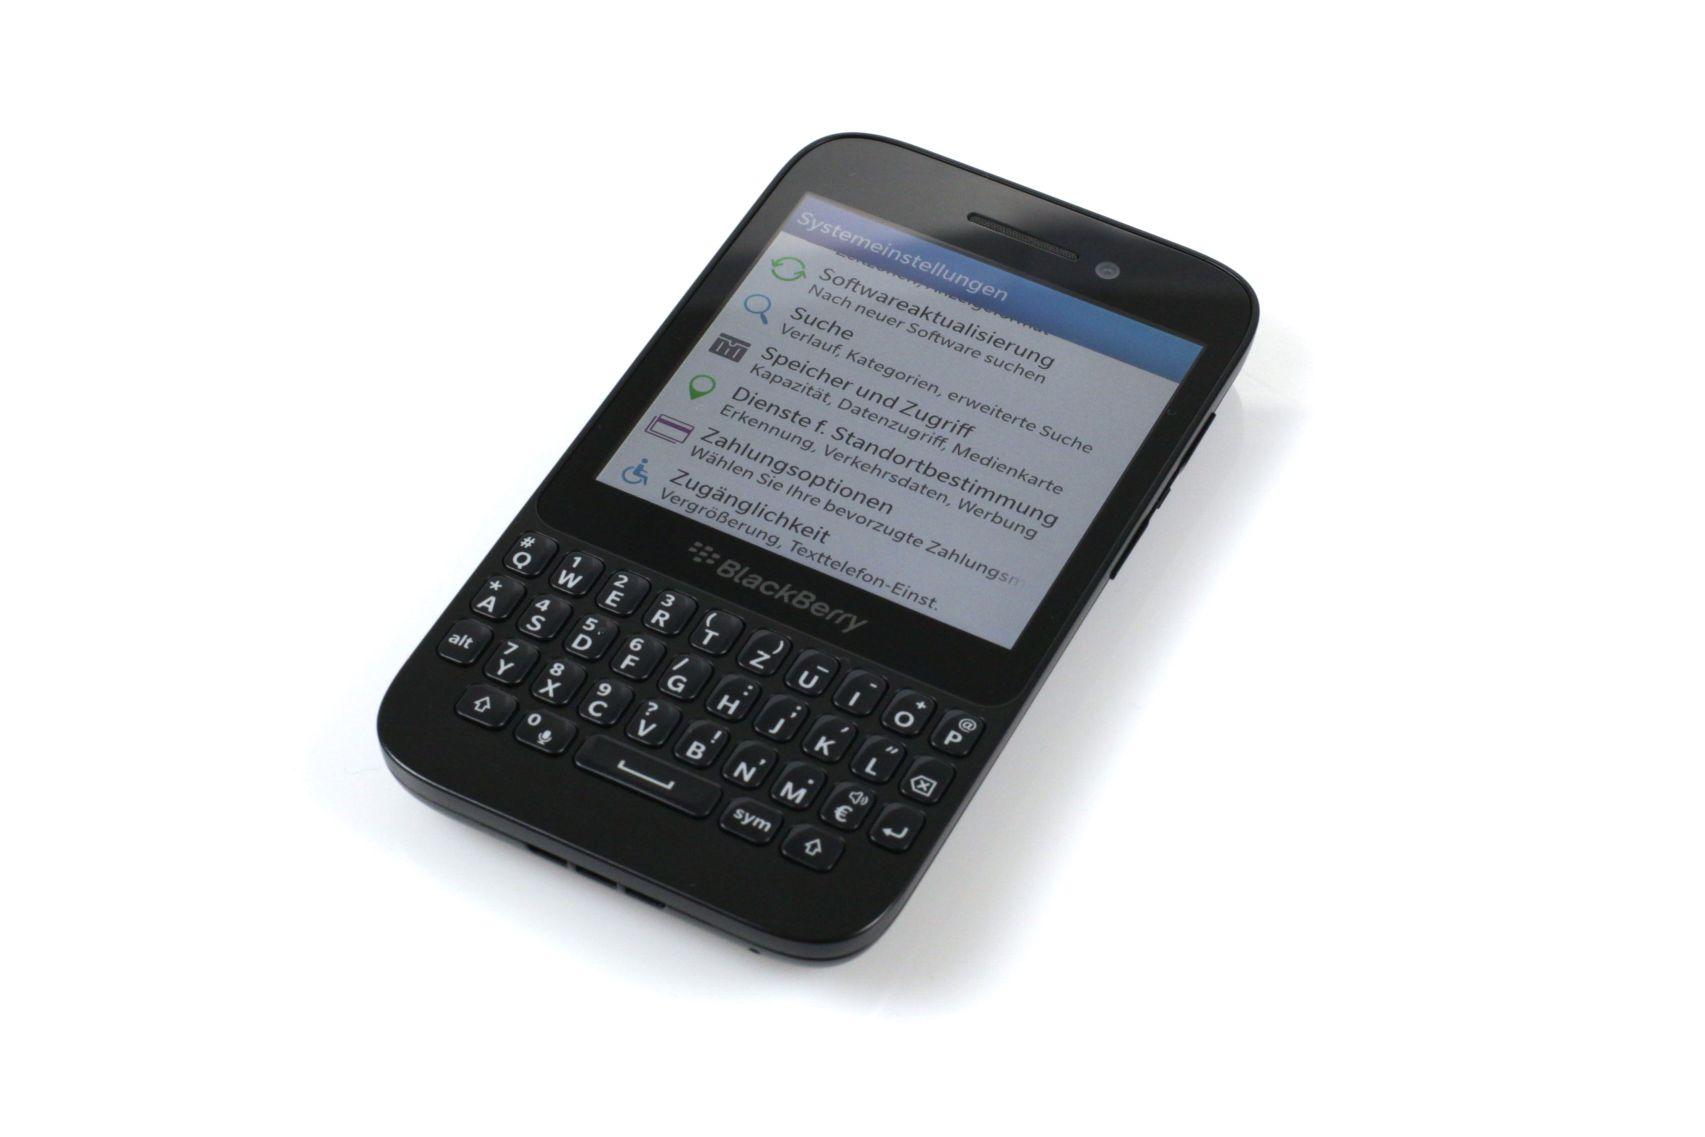 Blackberry Q5 im Test: Tippen bis zum Morgengrauen - Das Blackberry Q5 kostet momentan im Onlinehandel um die 340 Euro.